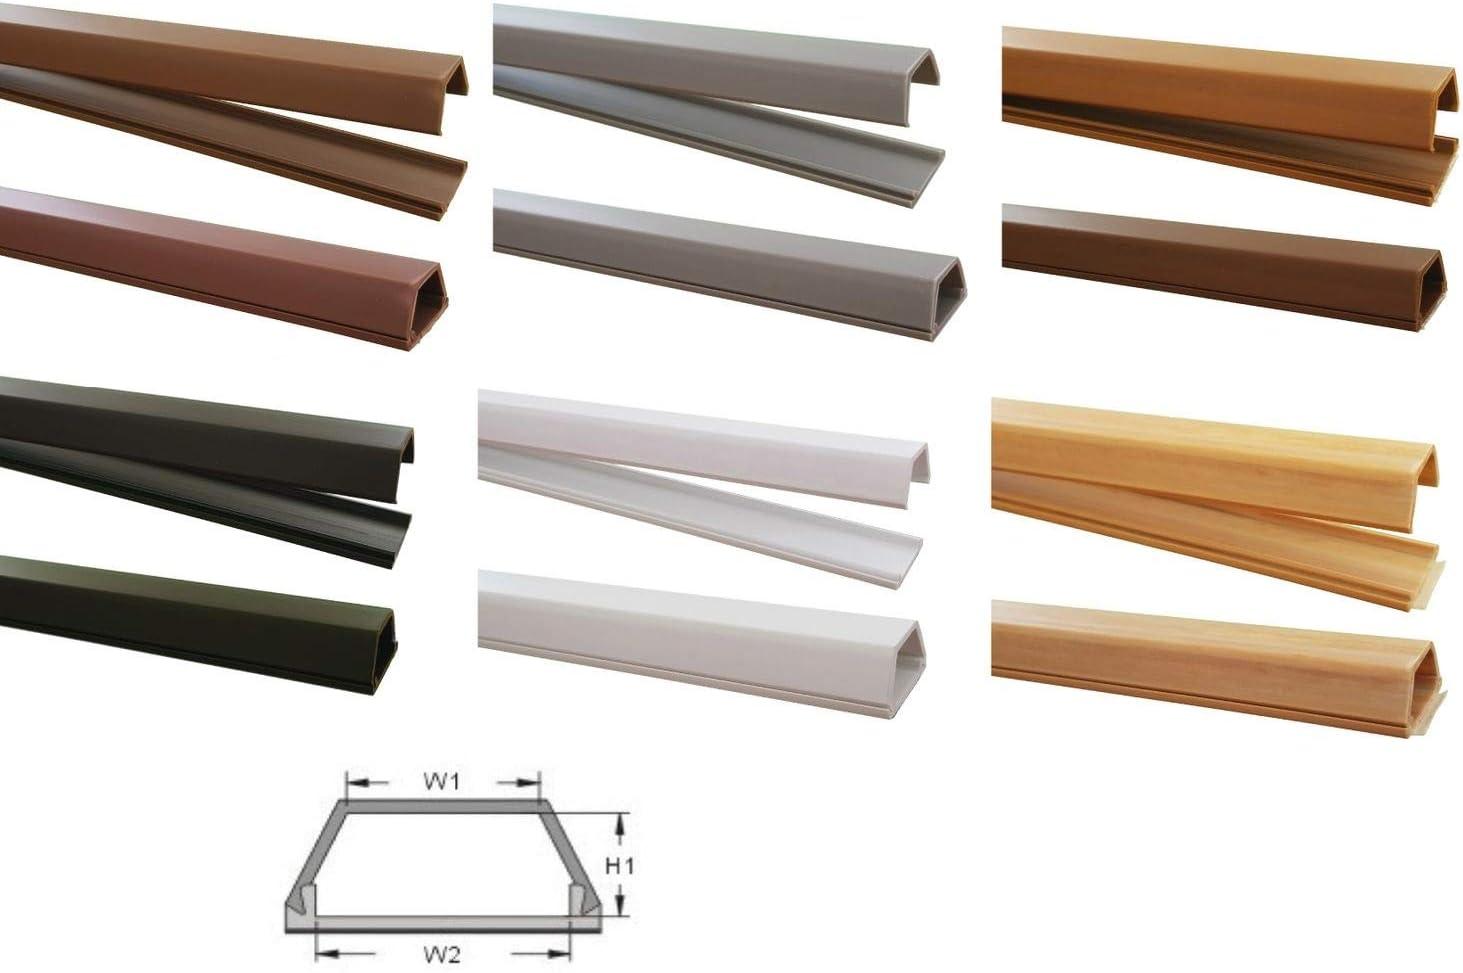 1m Kabelkanal 15x10mm Innenmaß Selbstklebend Versch Farben Verbinder Verfügbar Farbe Schwarz Baumarkt